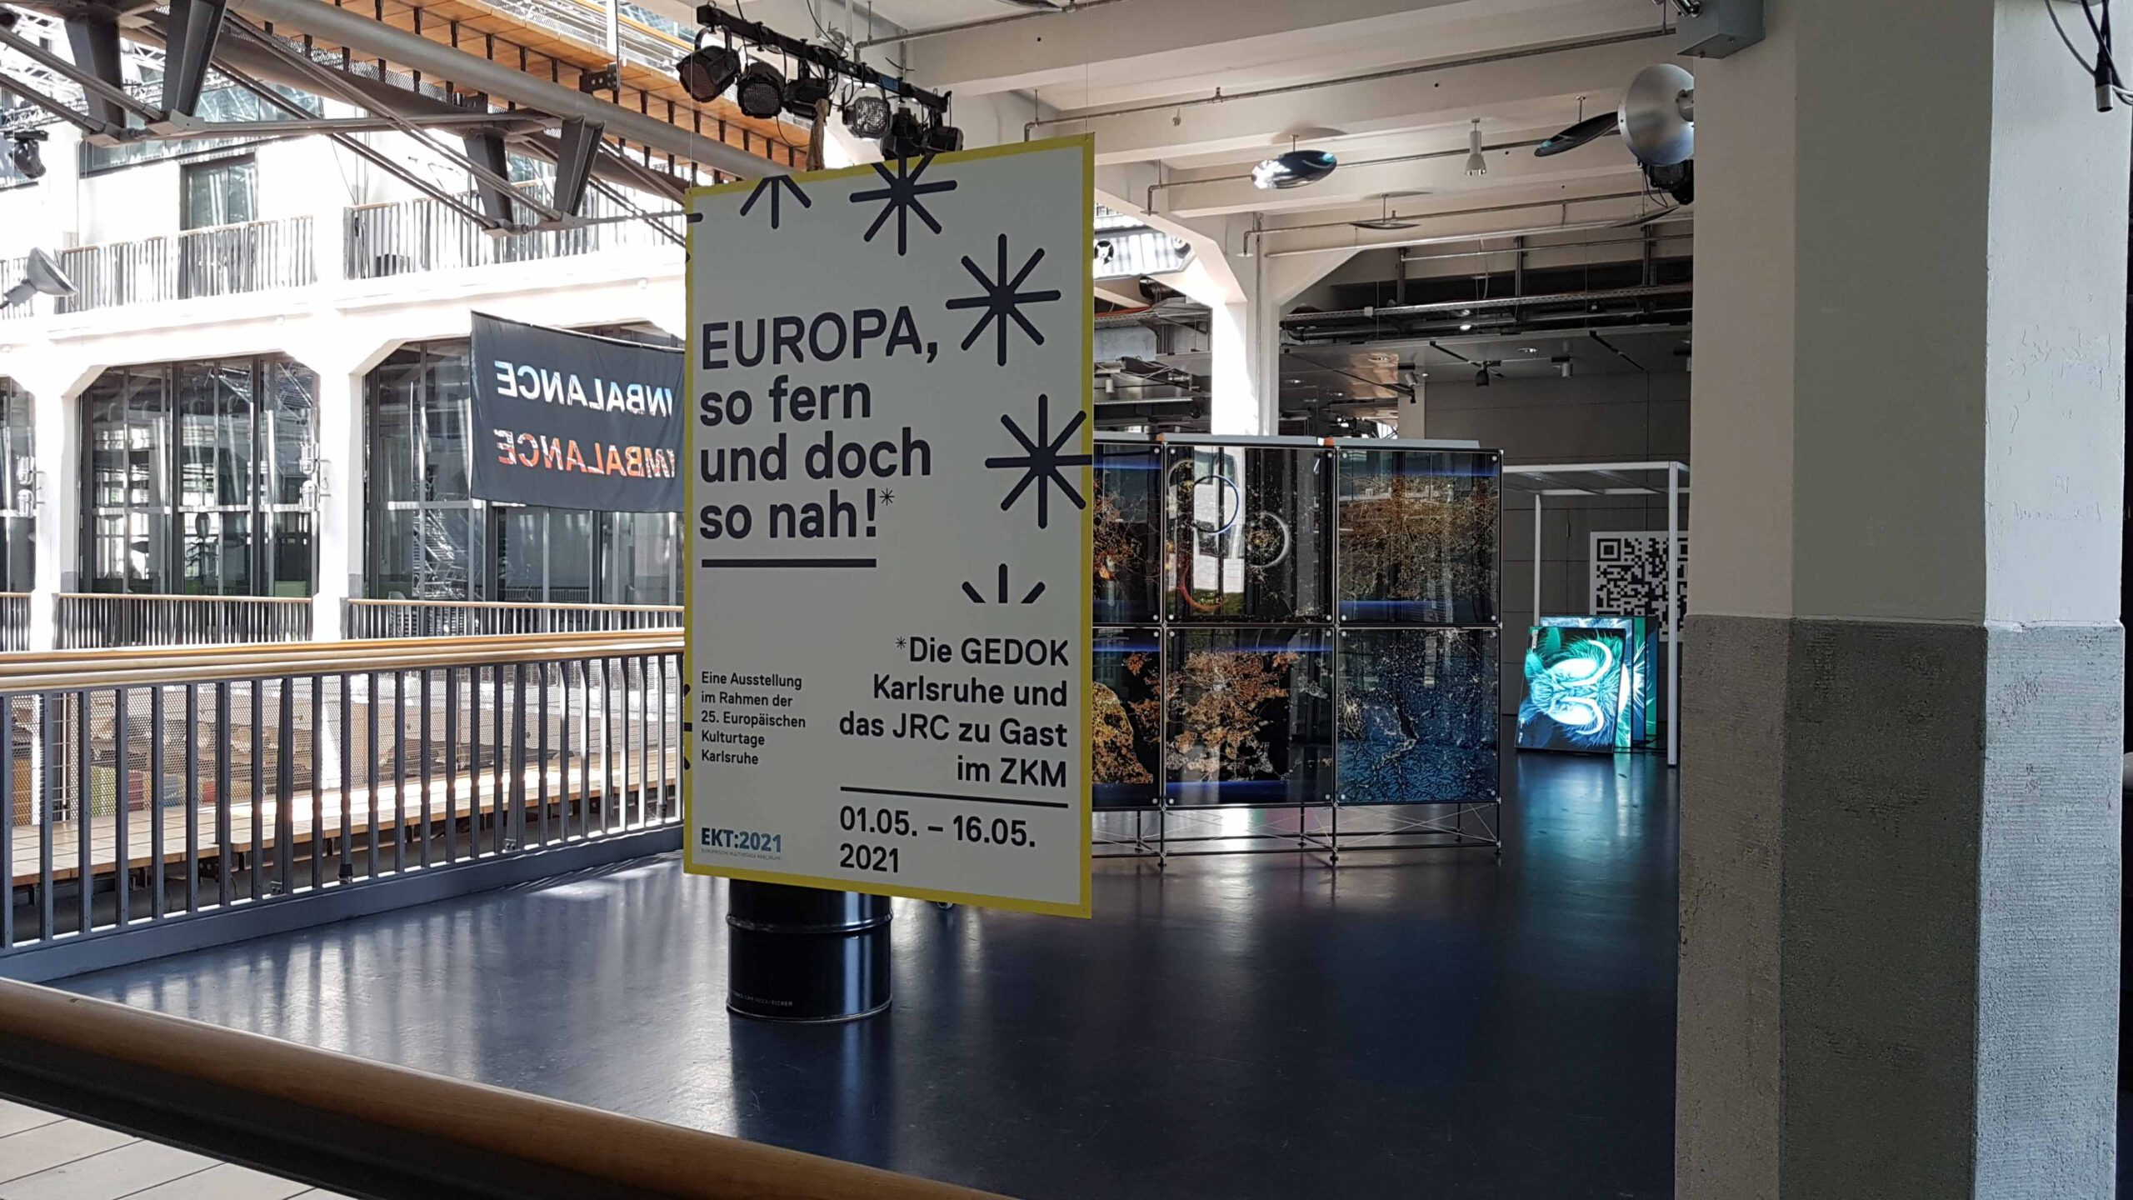 """Ausstellung """"Europa, so fern und doch so nah"""", Foto: Sabine Schäfer"""